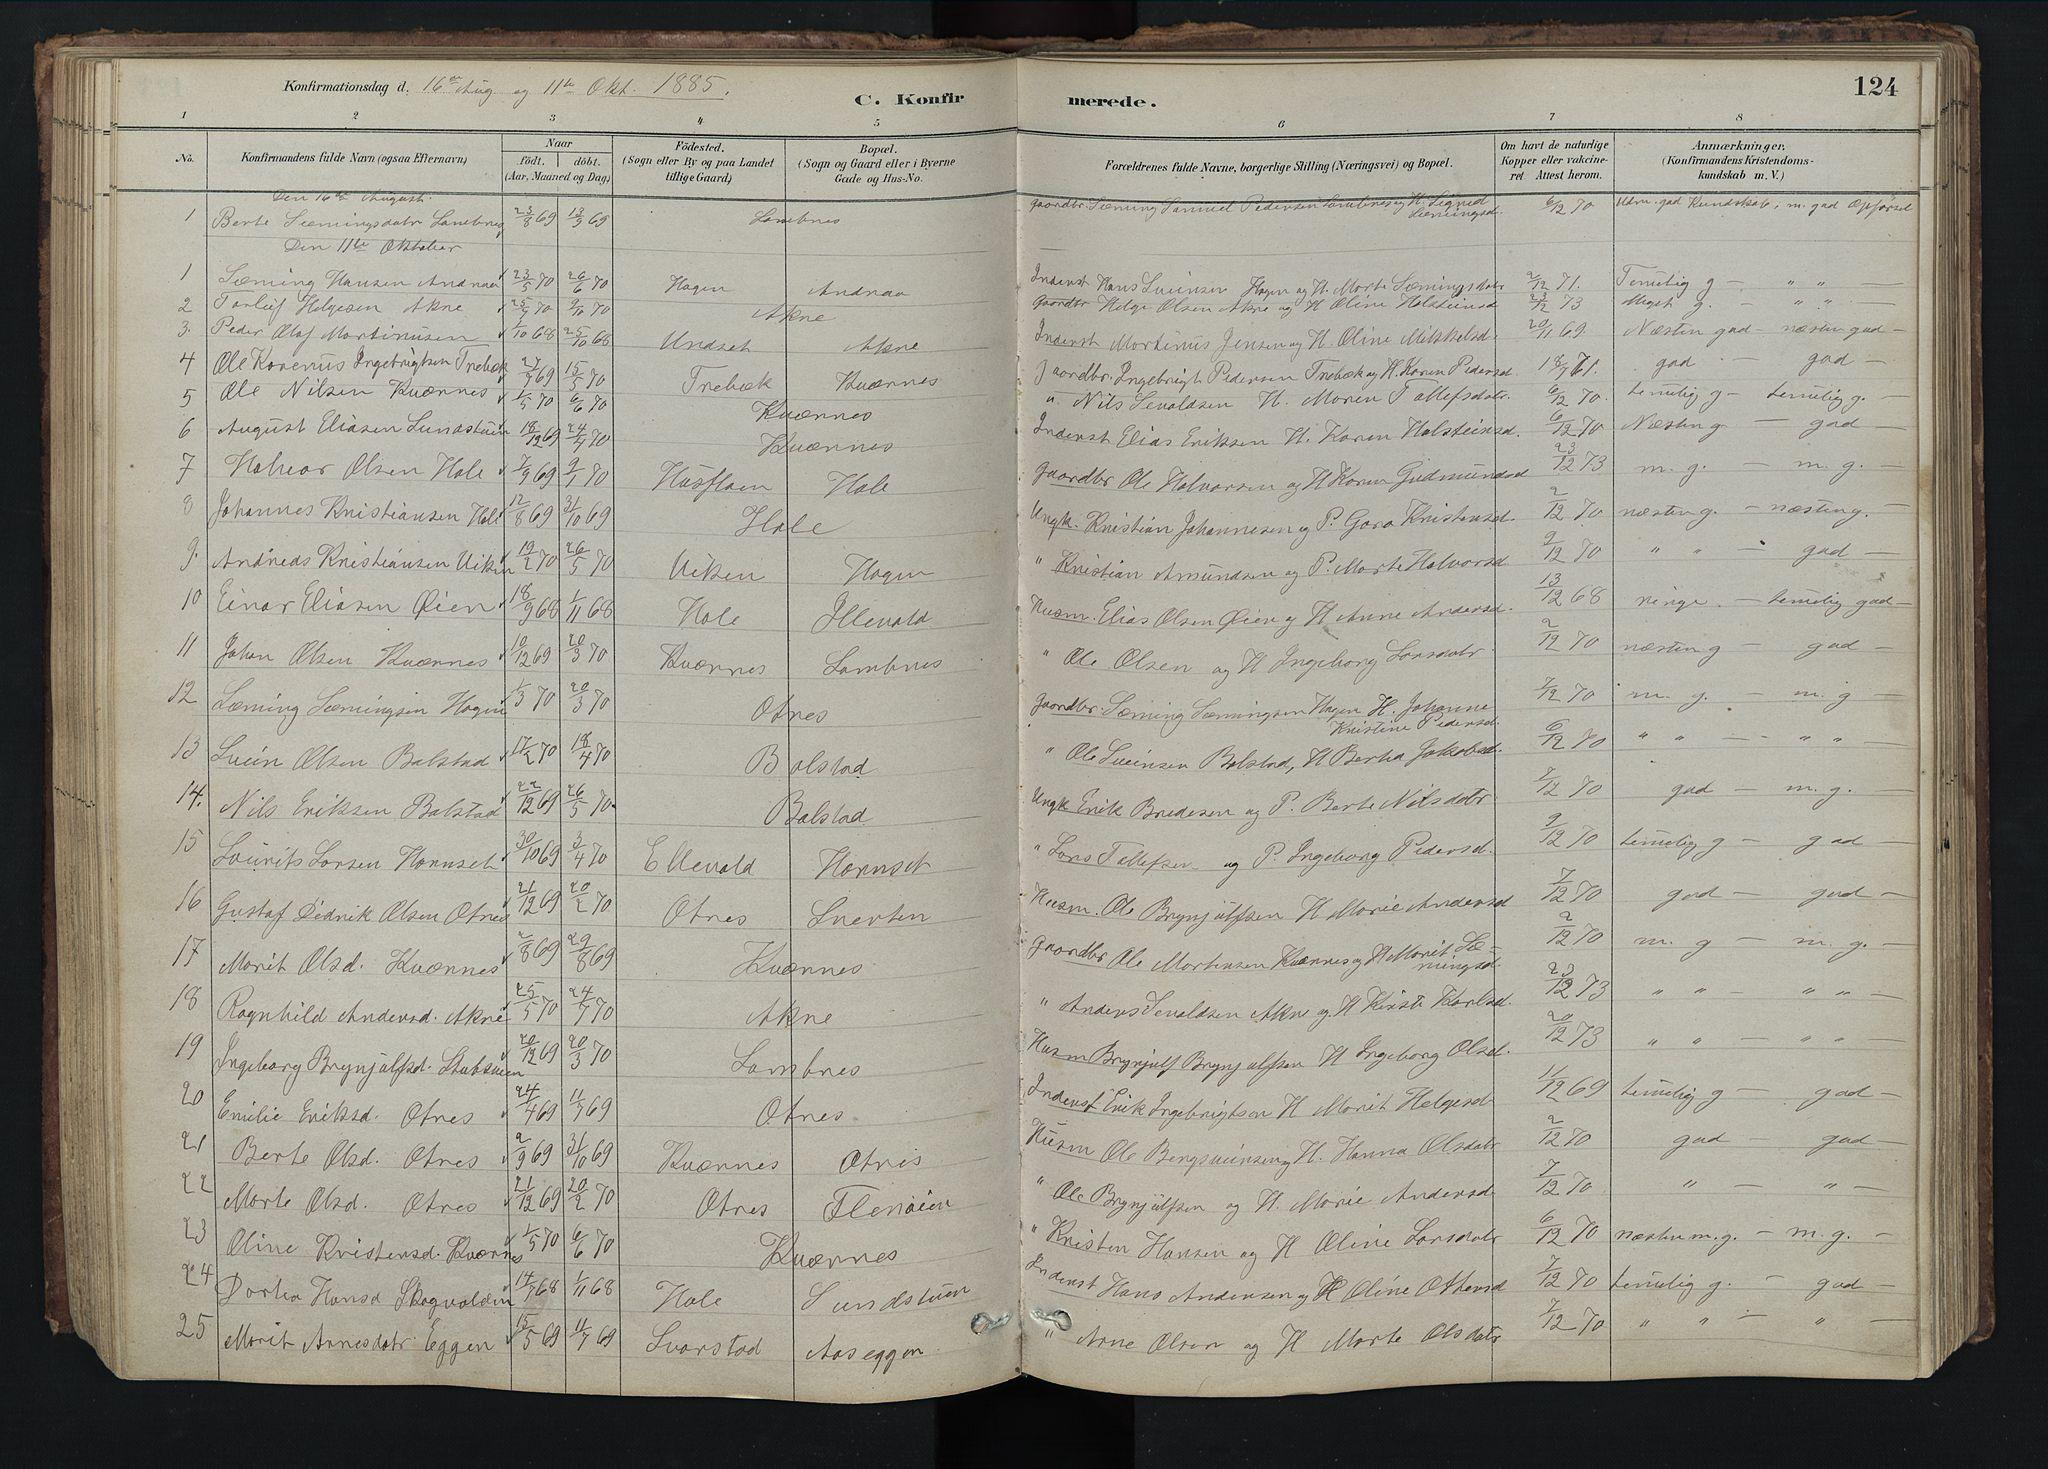 SAH, Rendalen prestekontor, H/Ha/Hab/L0009: Klokkerbok nr. 9, 1879-1902, s. 124